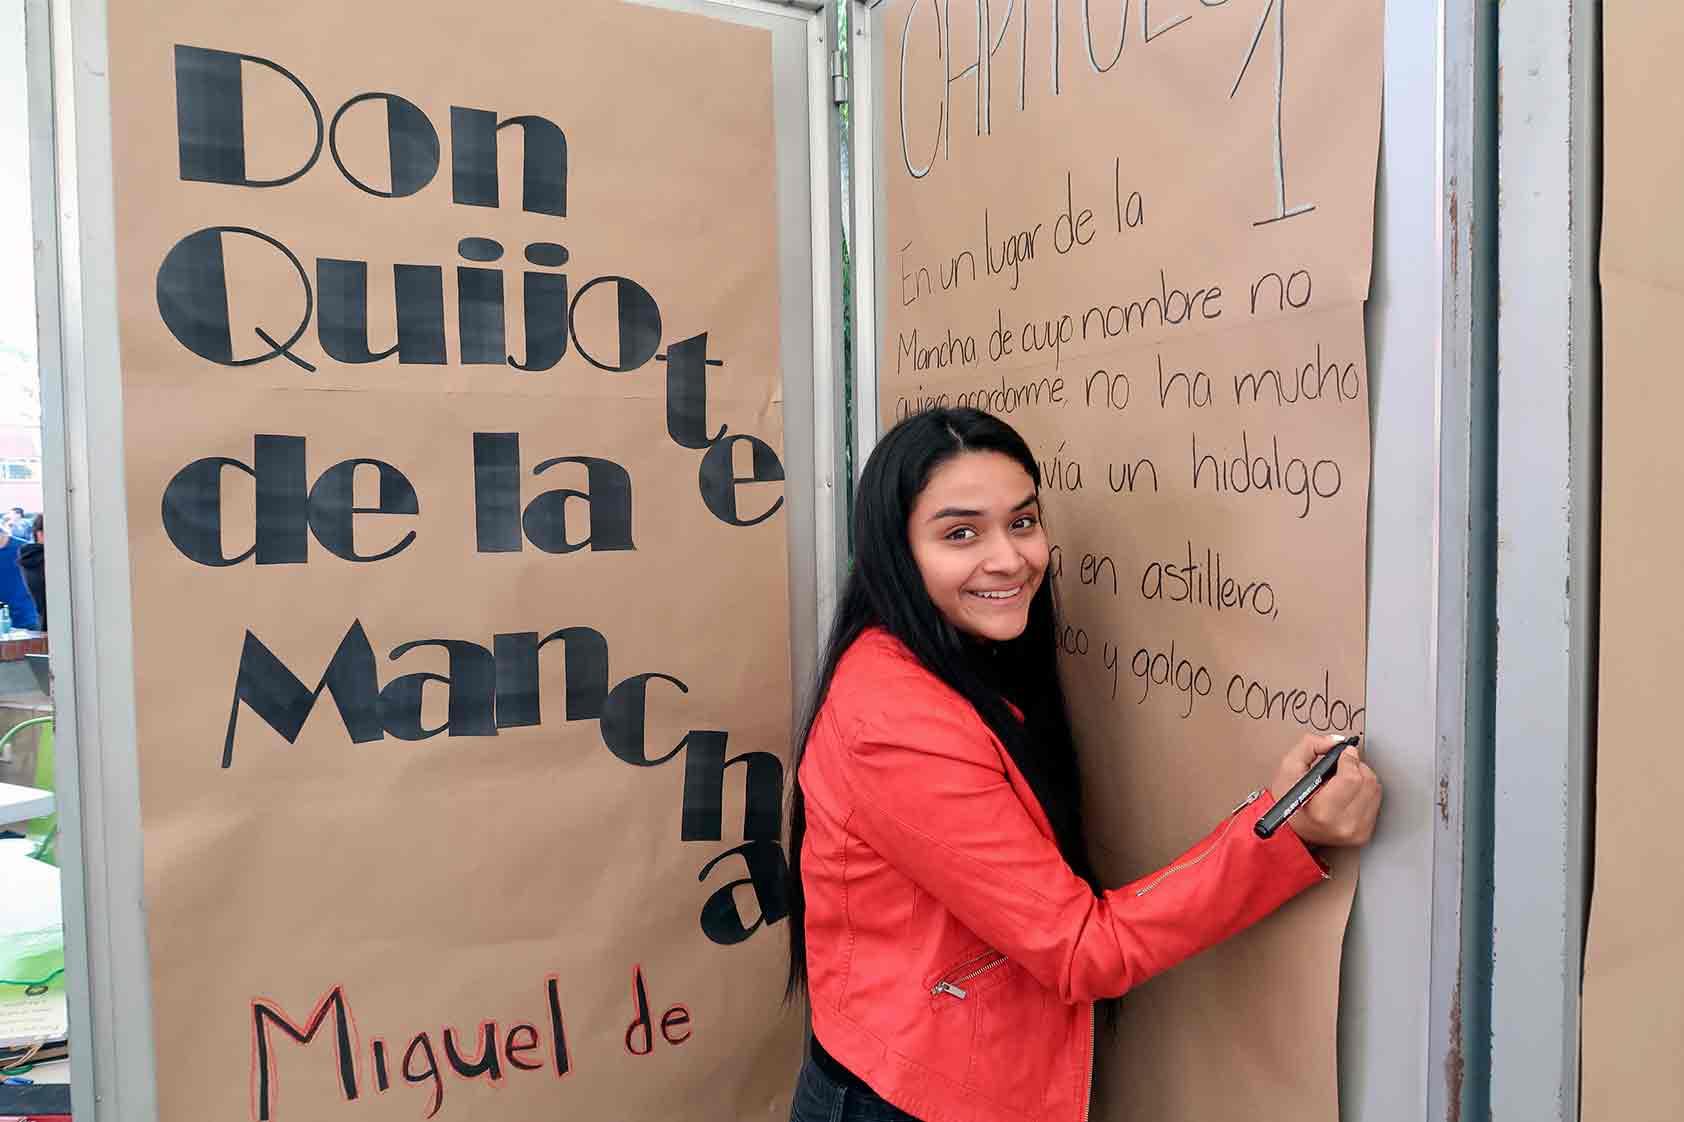 12 curiosidades de El Quijote y cómo se vivió su día en UVG